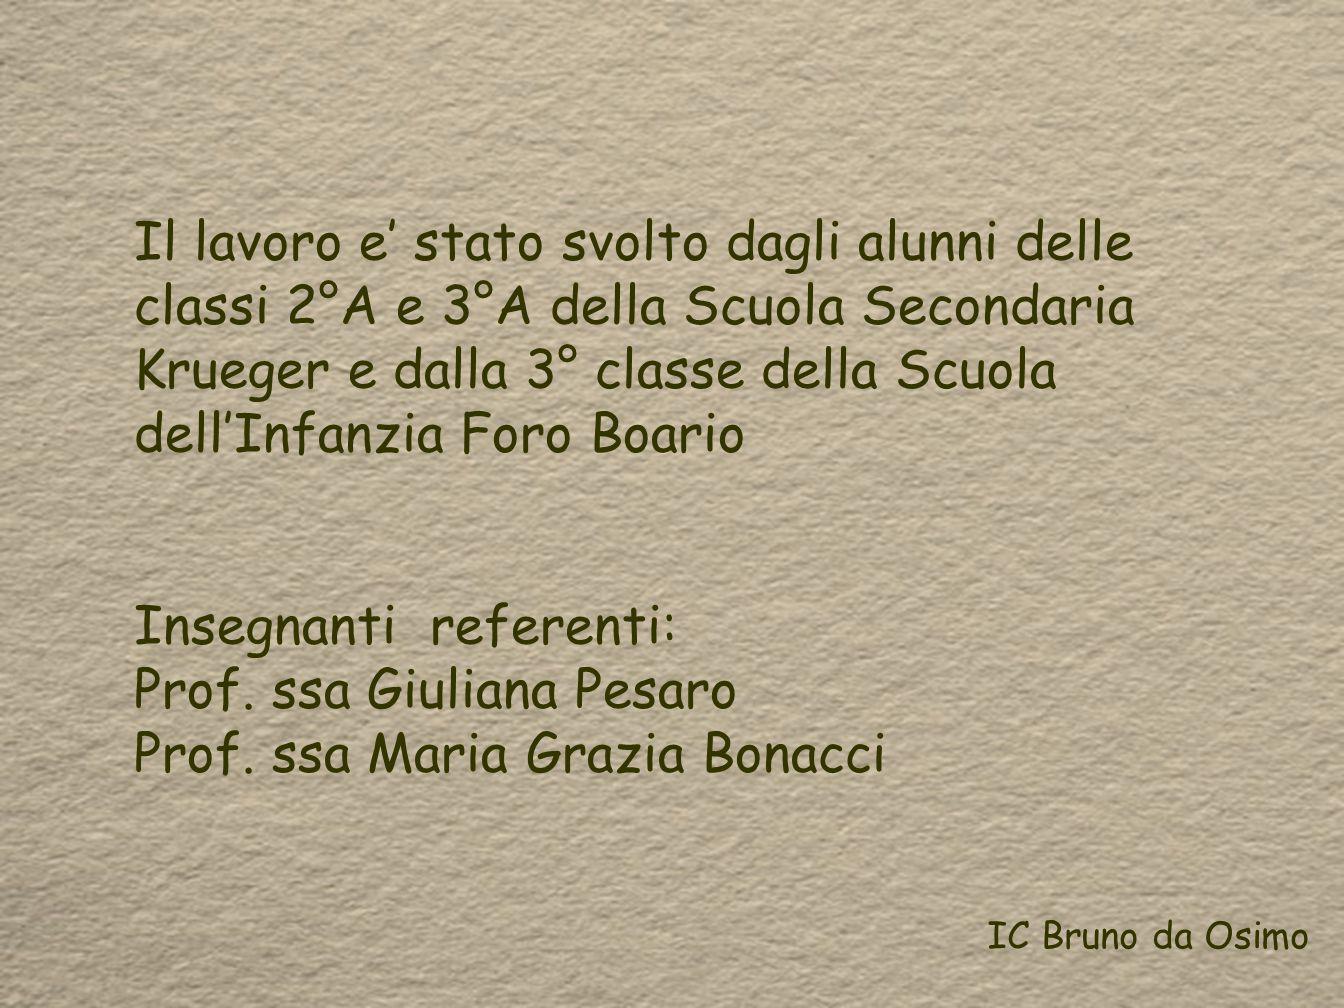 Insegnanti referenti: Prof. ssa Giuliana Pesaro